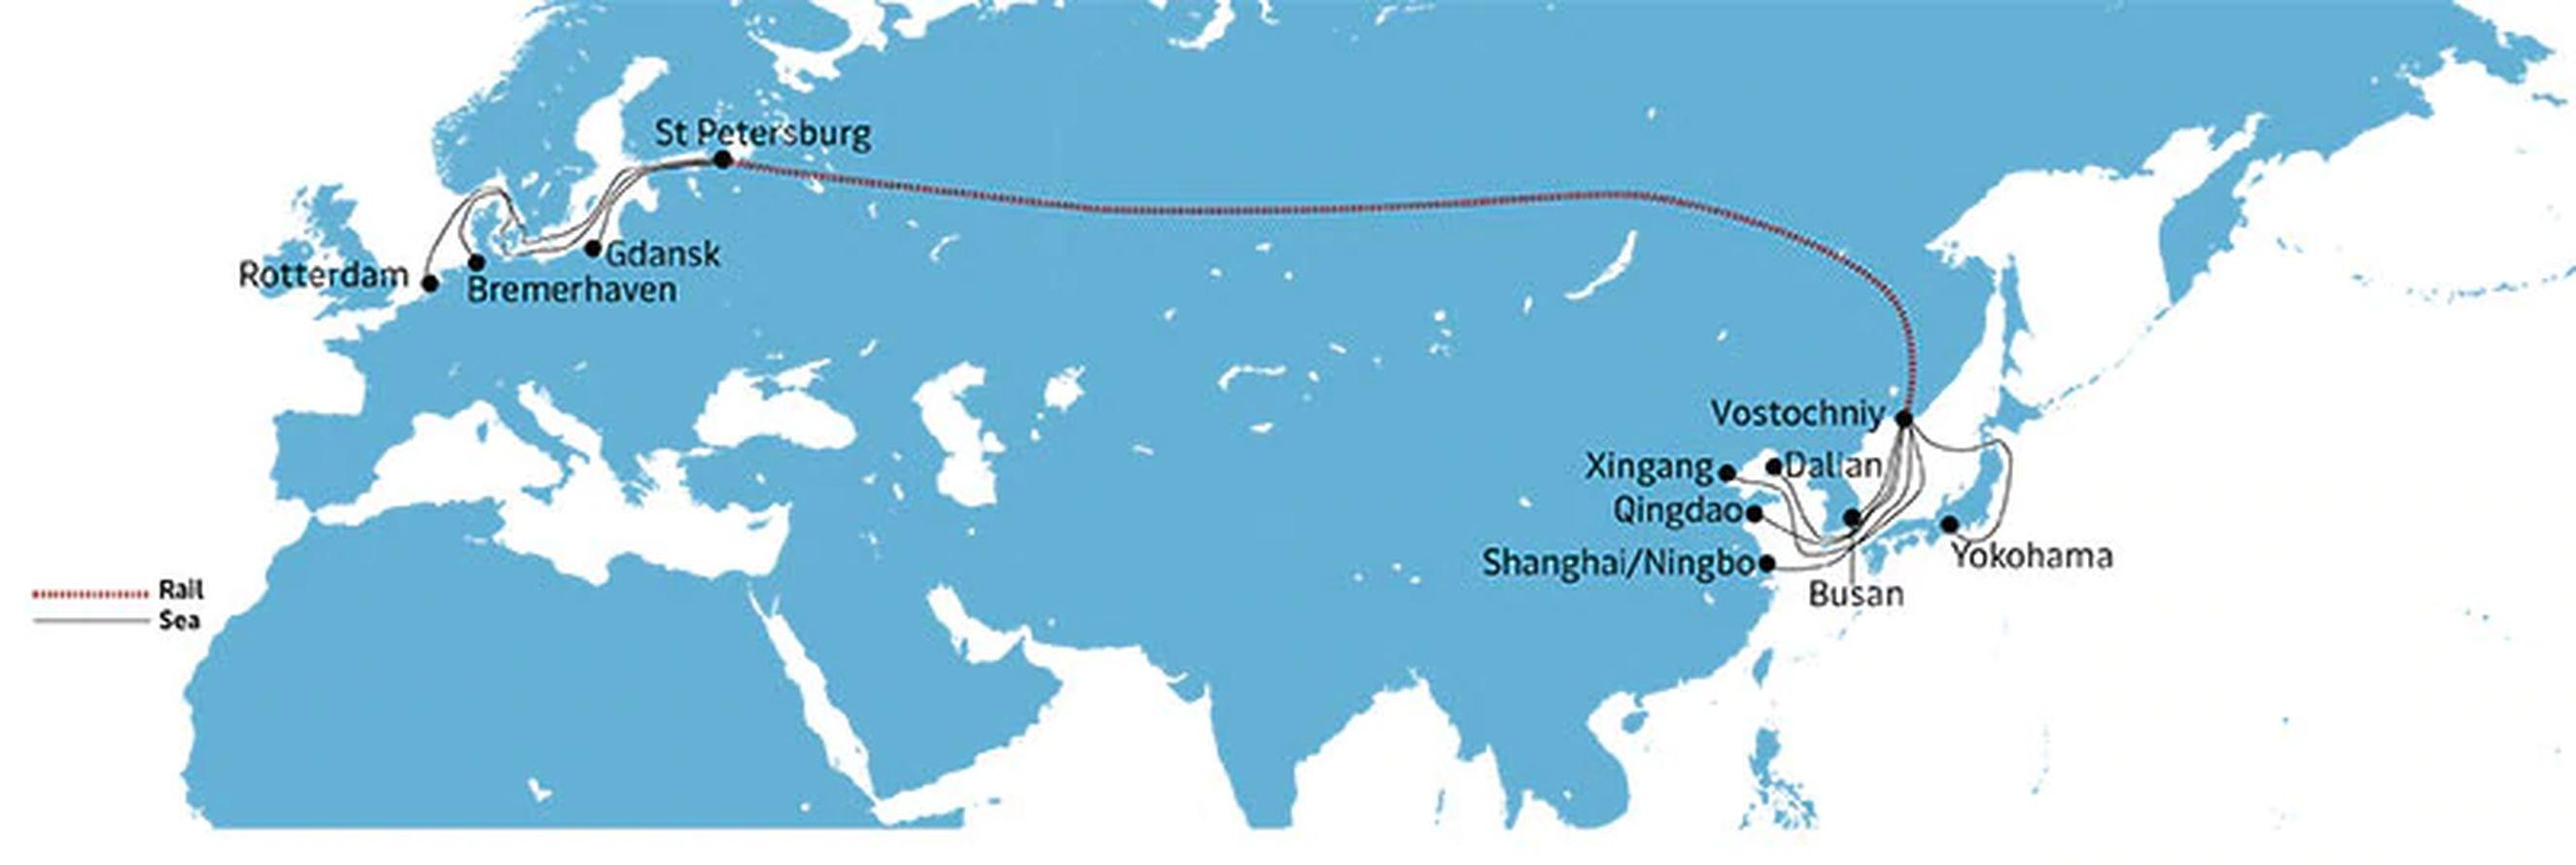 Maersk's AE19 sea-rail-sea goes east